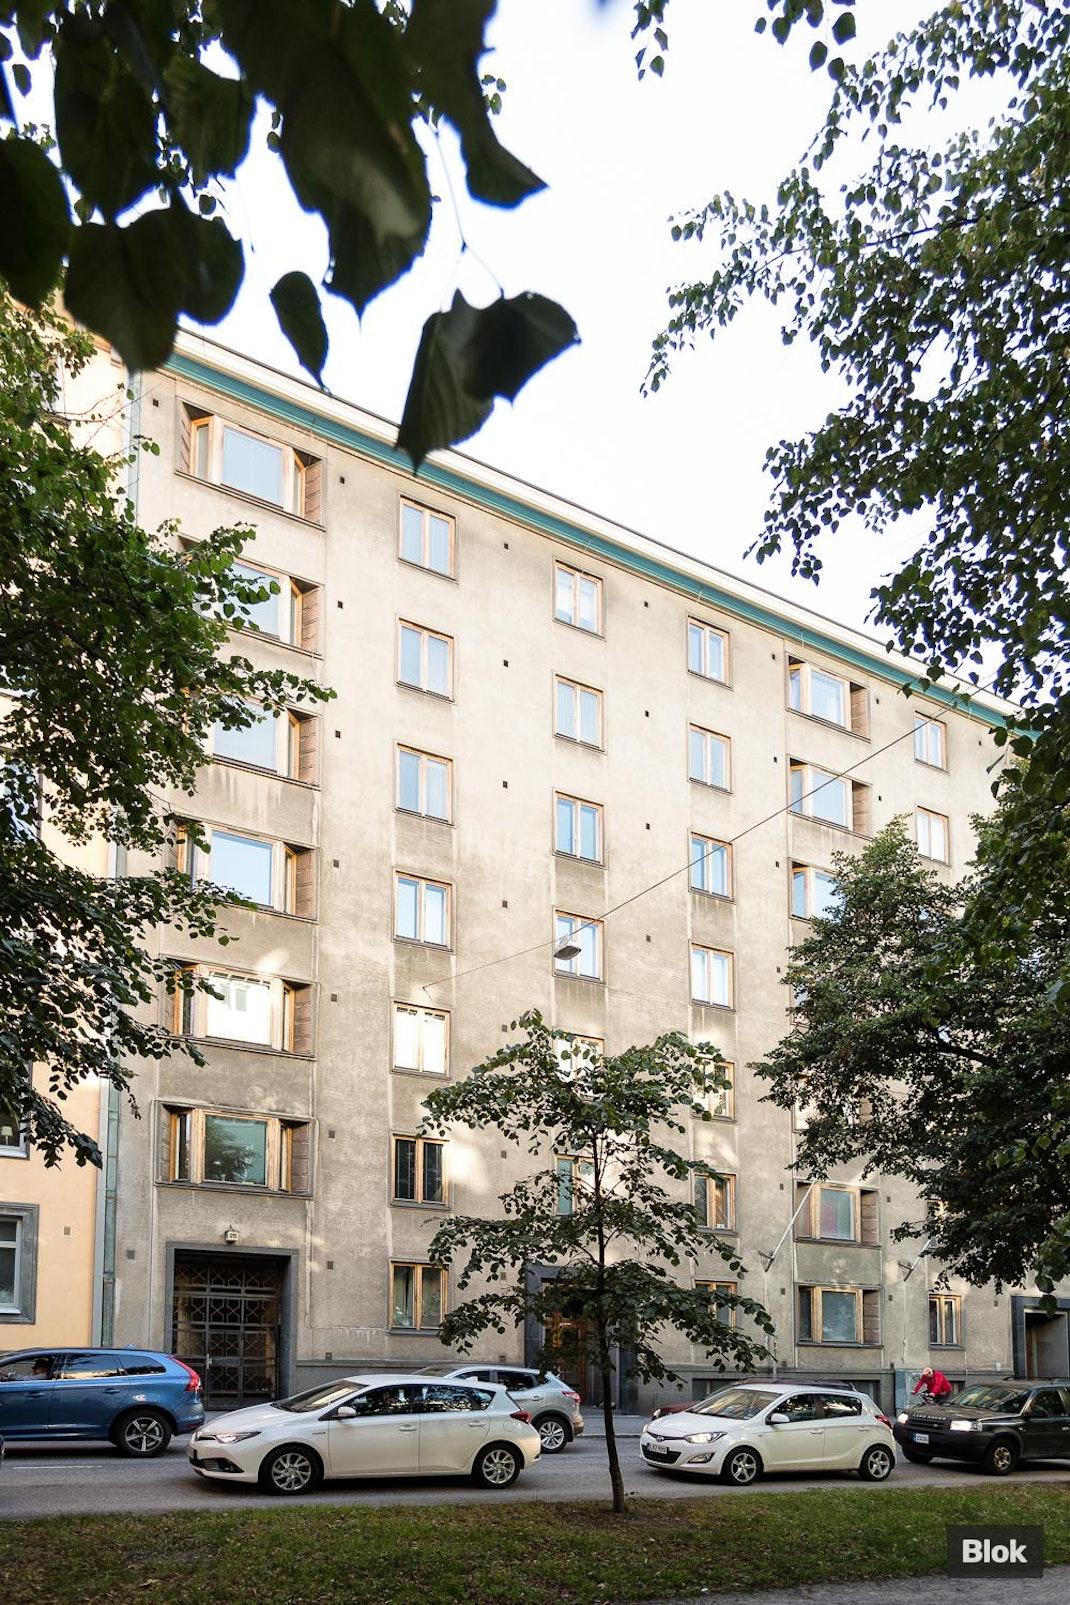 Blok: Mechelininkatu 26, 00100 Helsinki